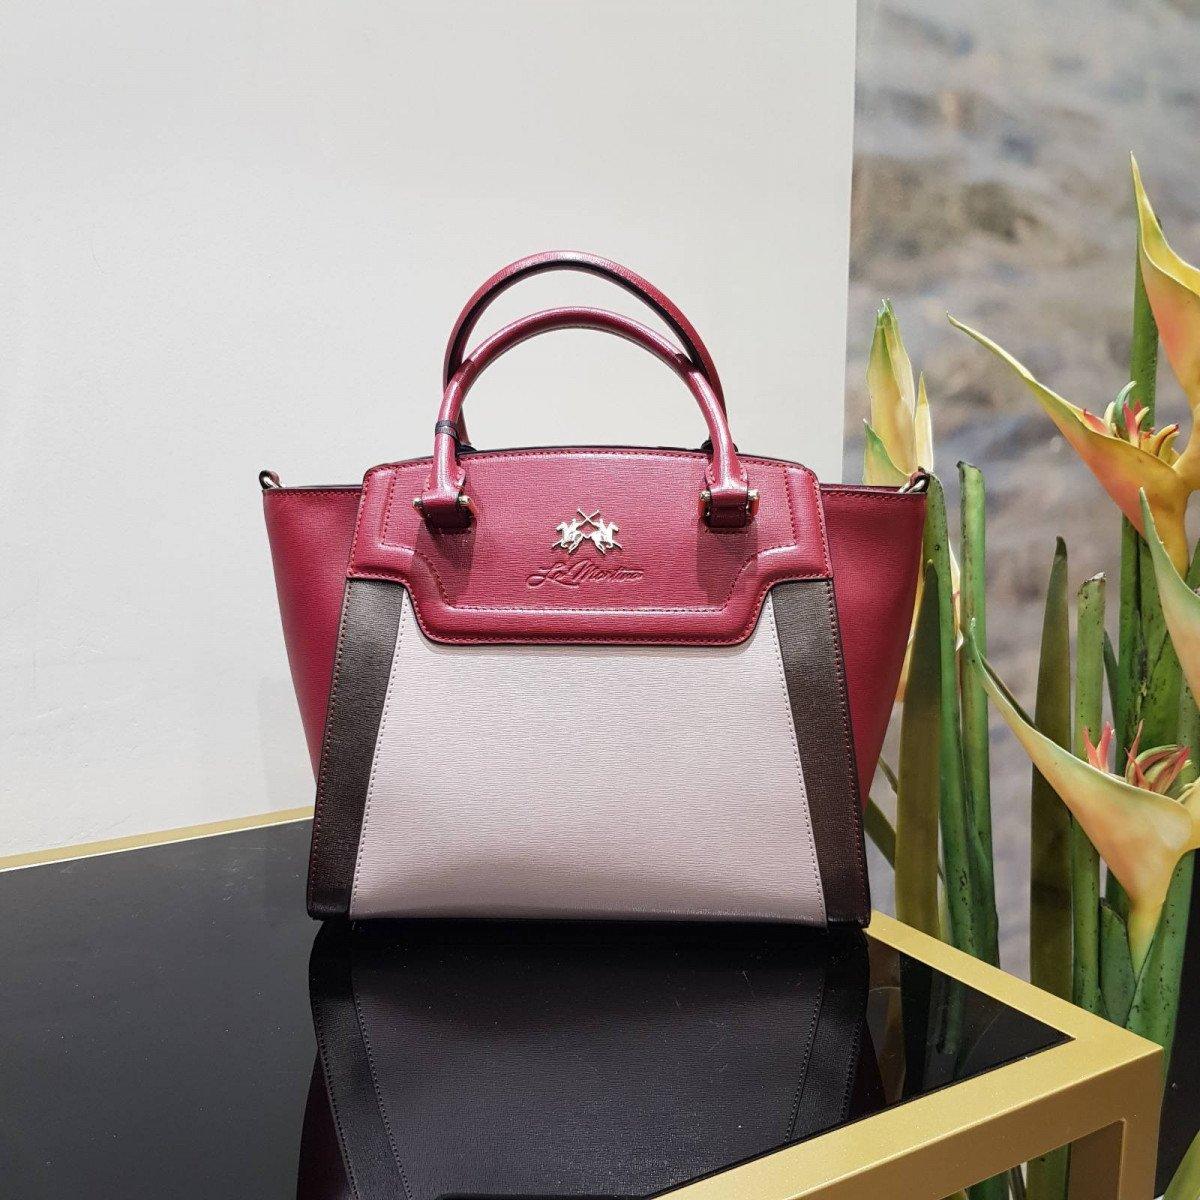 Женская кожаная сумка La Martina 41W005 O0001 biking red s grey brow из натуральной кожи